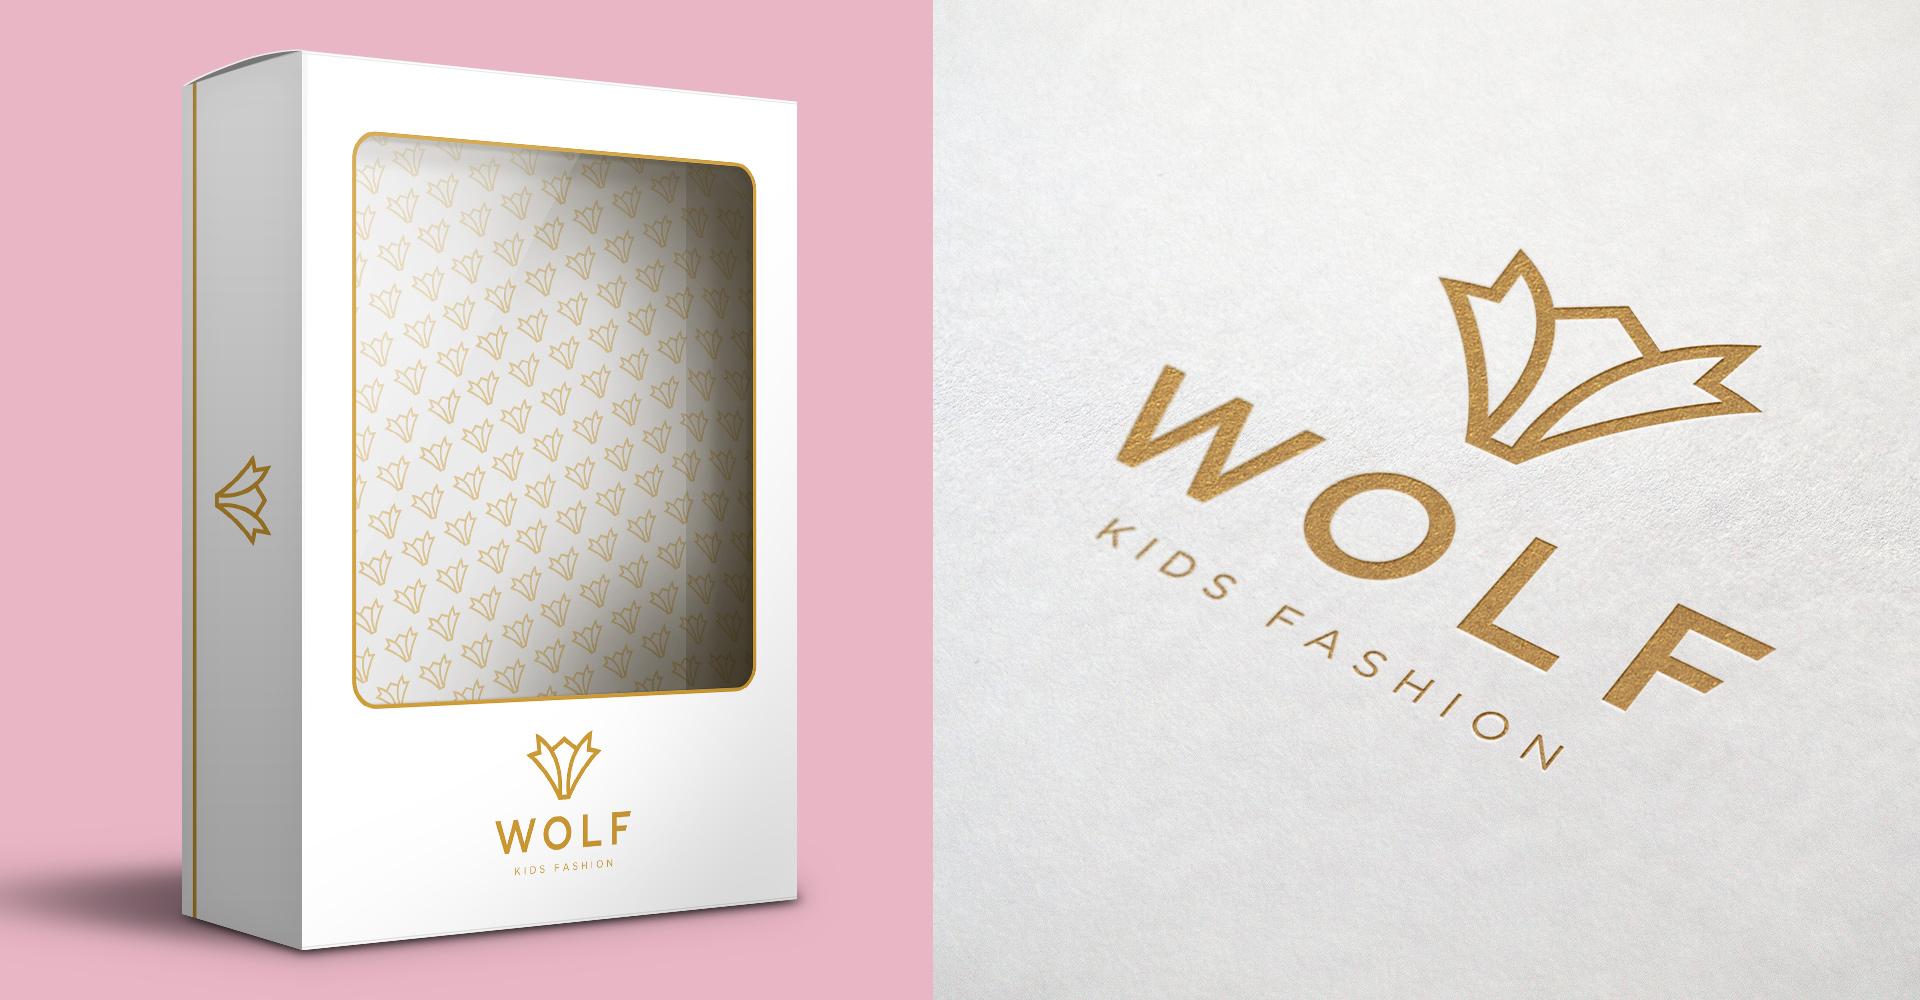 Dizajn pakovanja za dečiju odeću Wolf